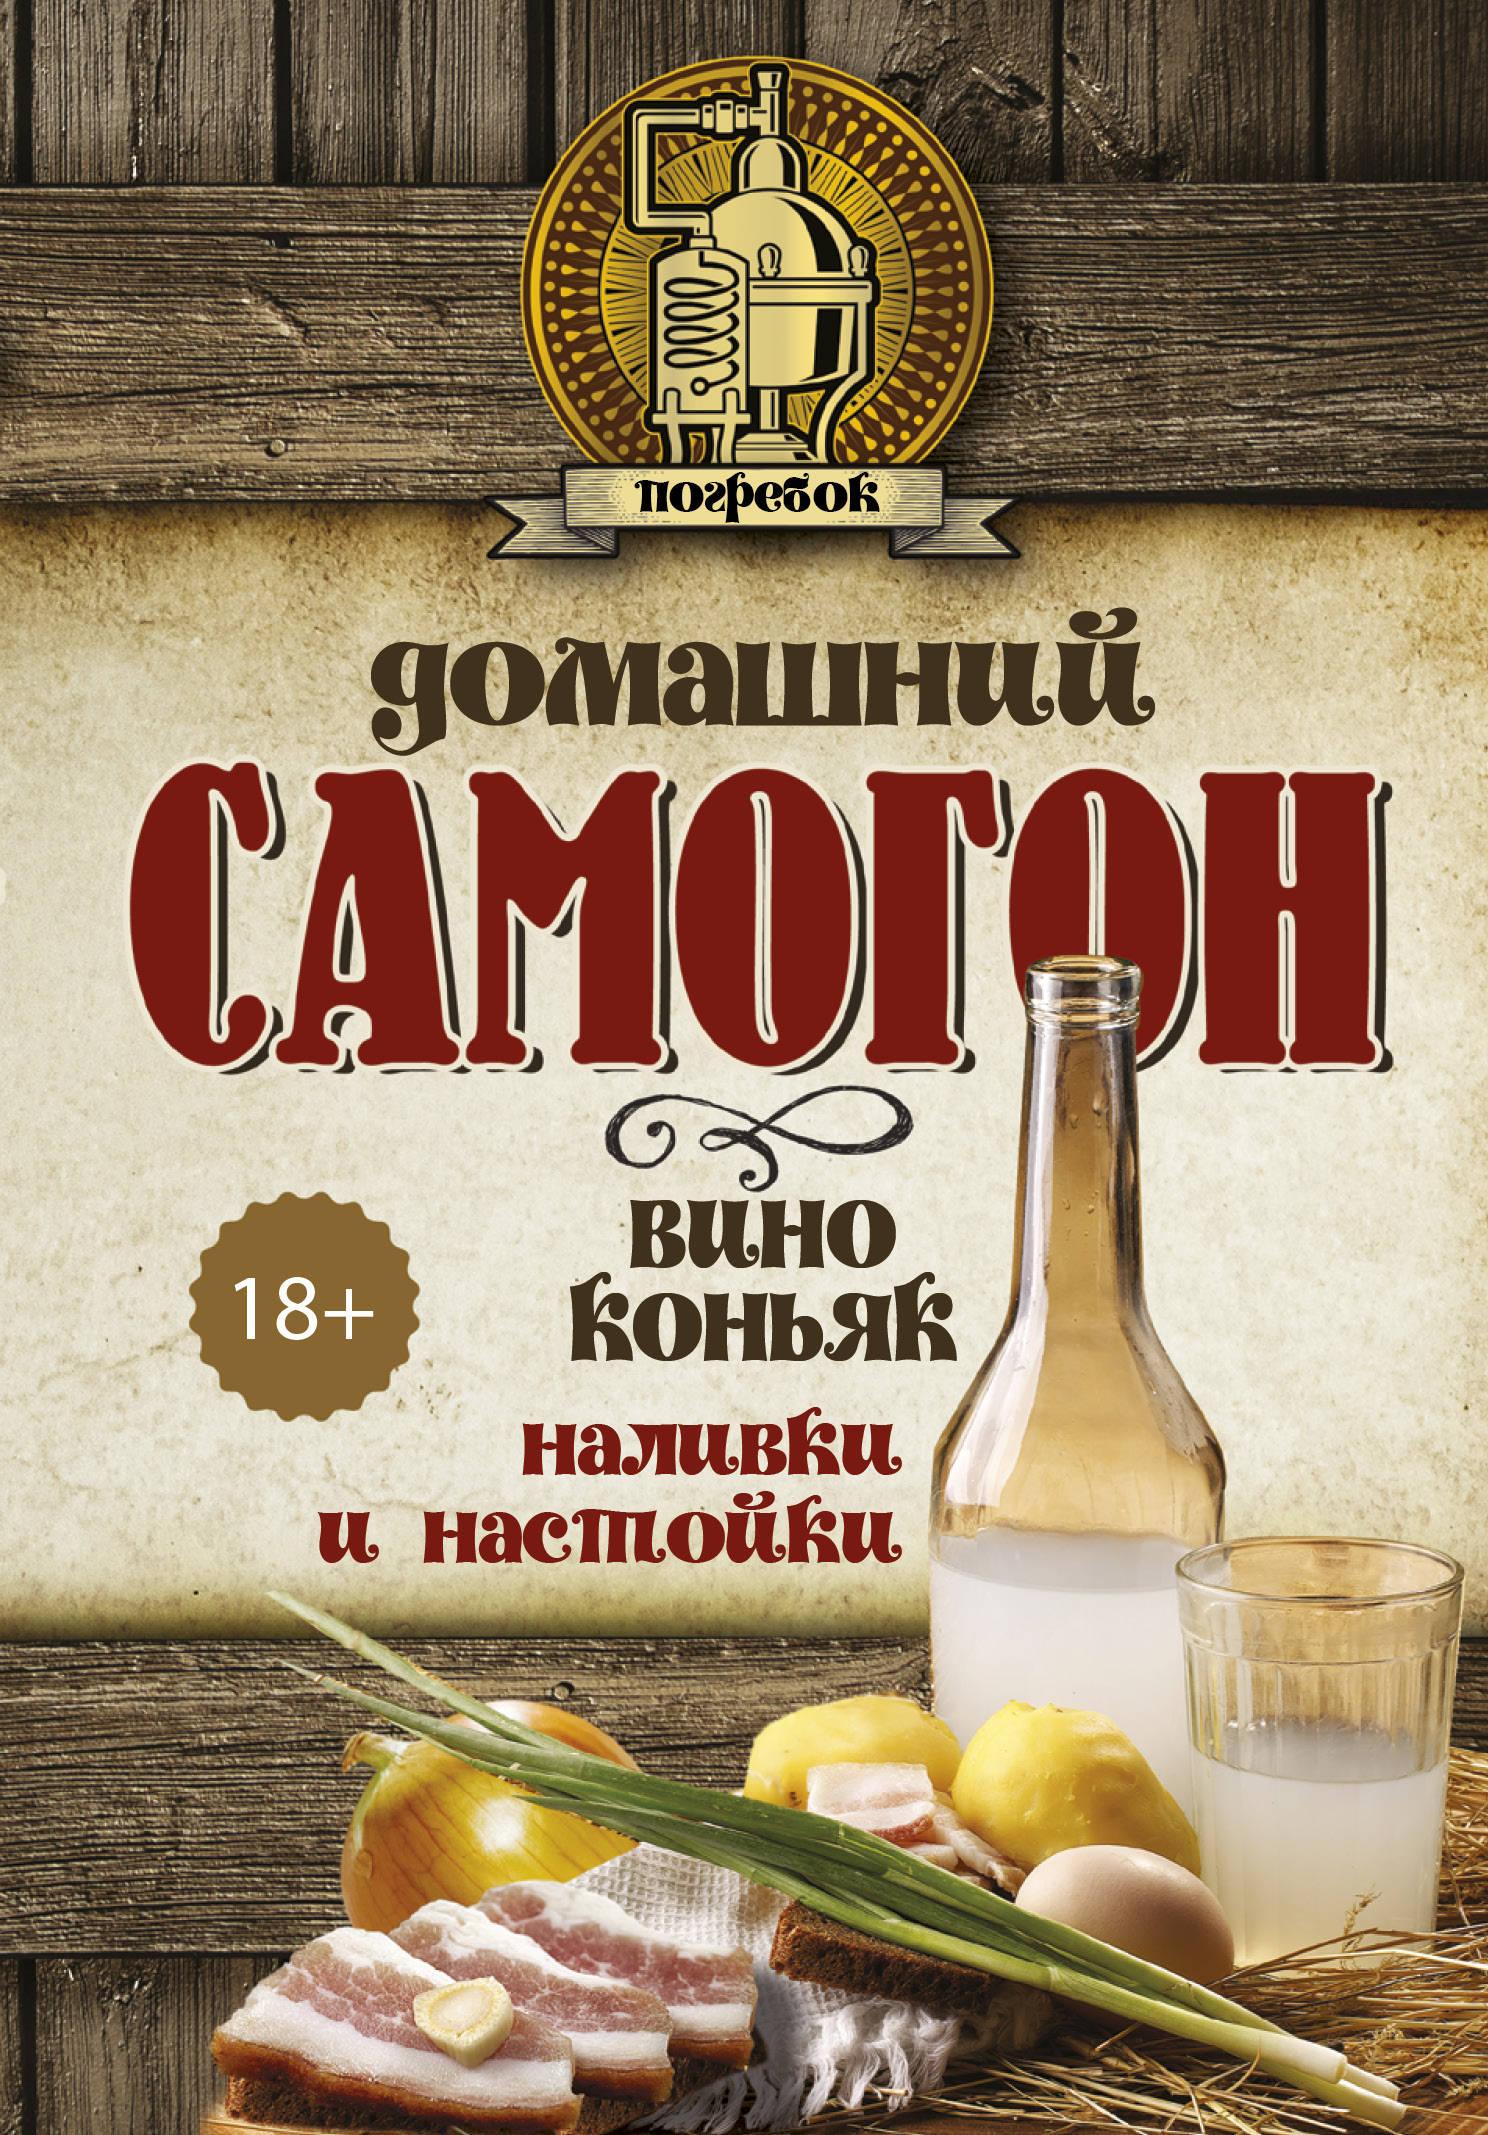 Токарев Дмитрий Николаевич Домашний самогон, вино, коньяк, наливки и настойки